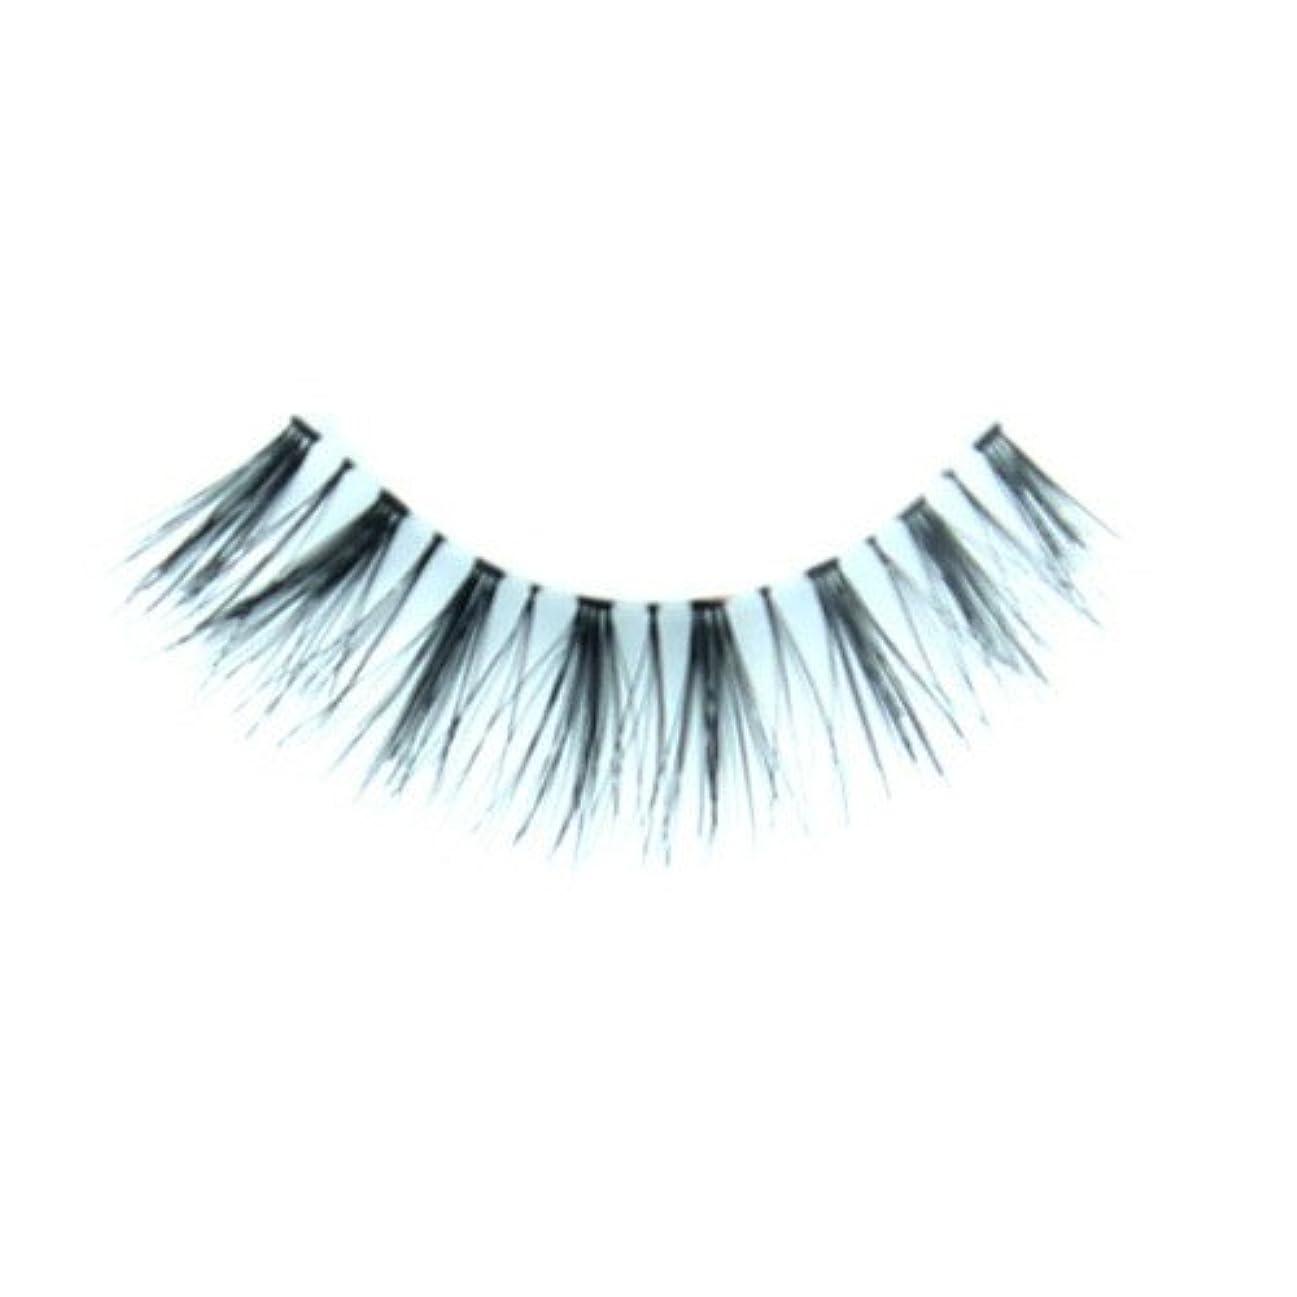 クルーズ安定しましたピラミッド(6 Pack) CHERRY BLOSSOM False Eyelashes - CBFL415 (並行輸入品)